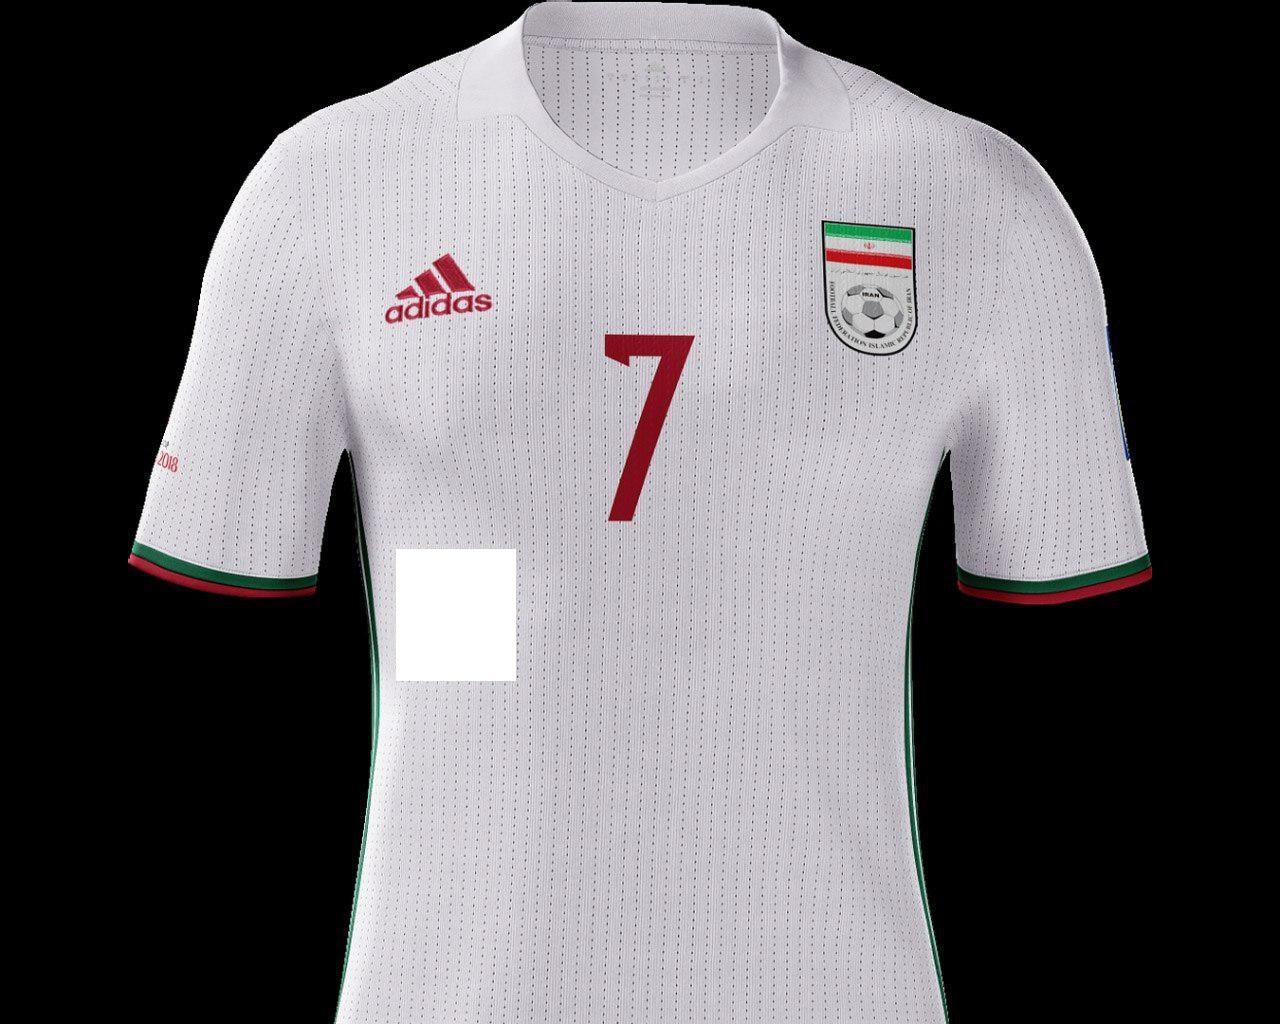 سازمان محیط زیست مقصر حذف یوز از پیراهن تیم ملی/ به خاطر پول نشان ملی فوتبال را حذف کردند